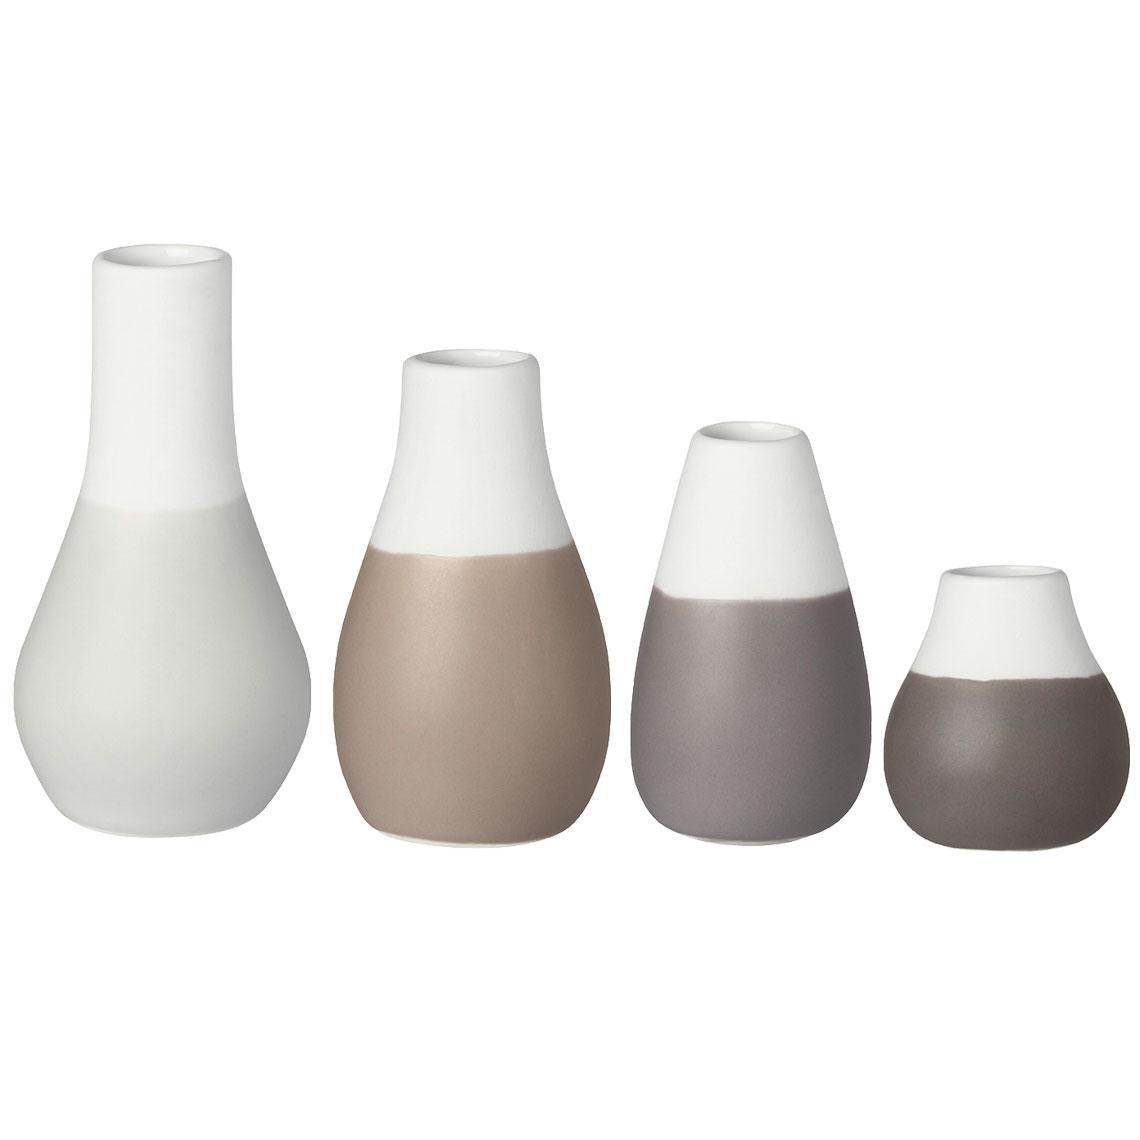 Mini Vasen Grautöne